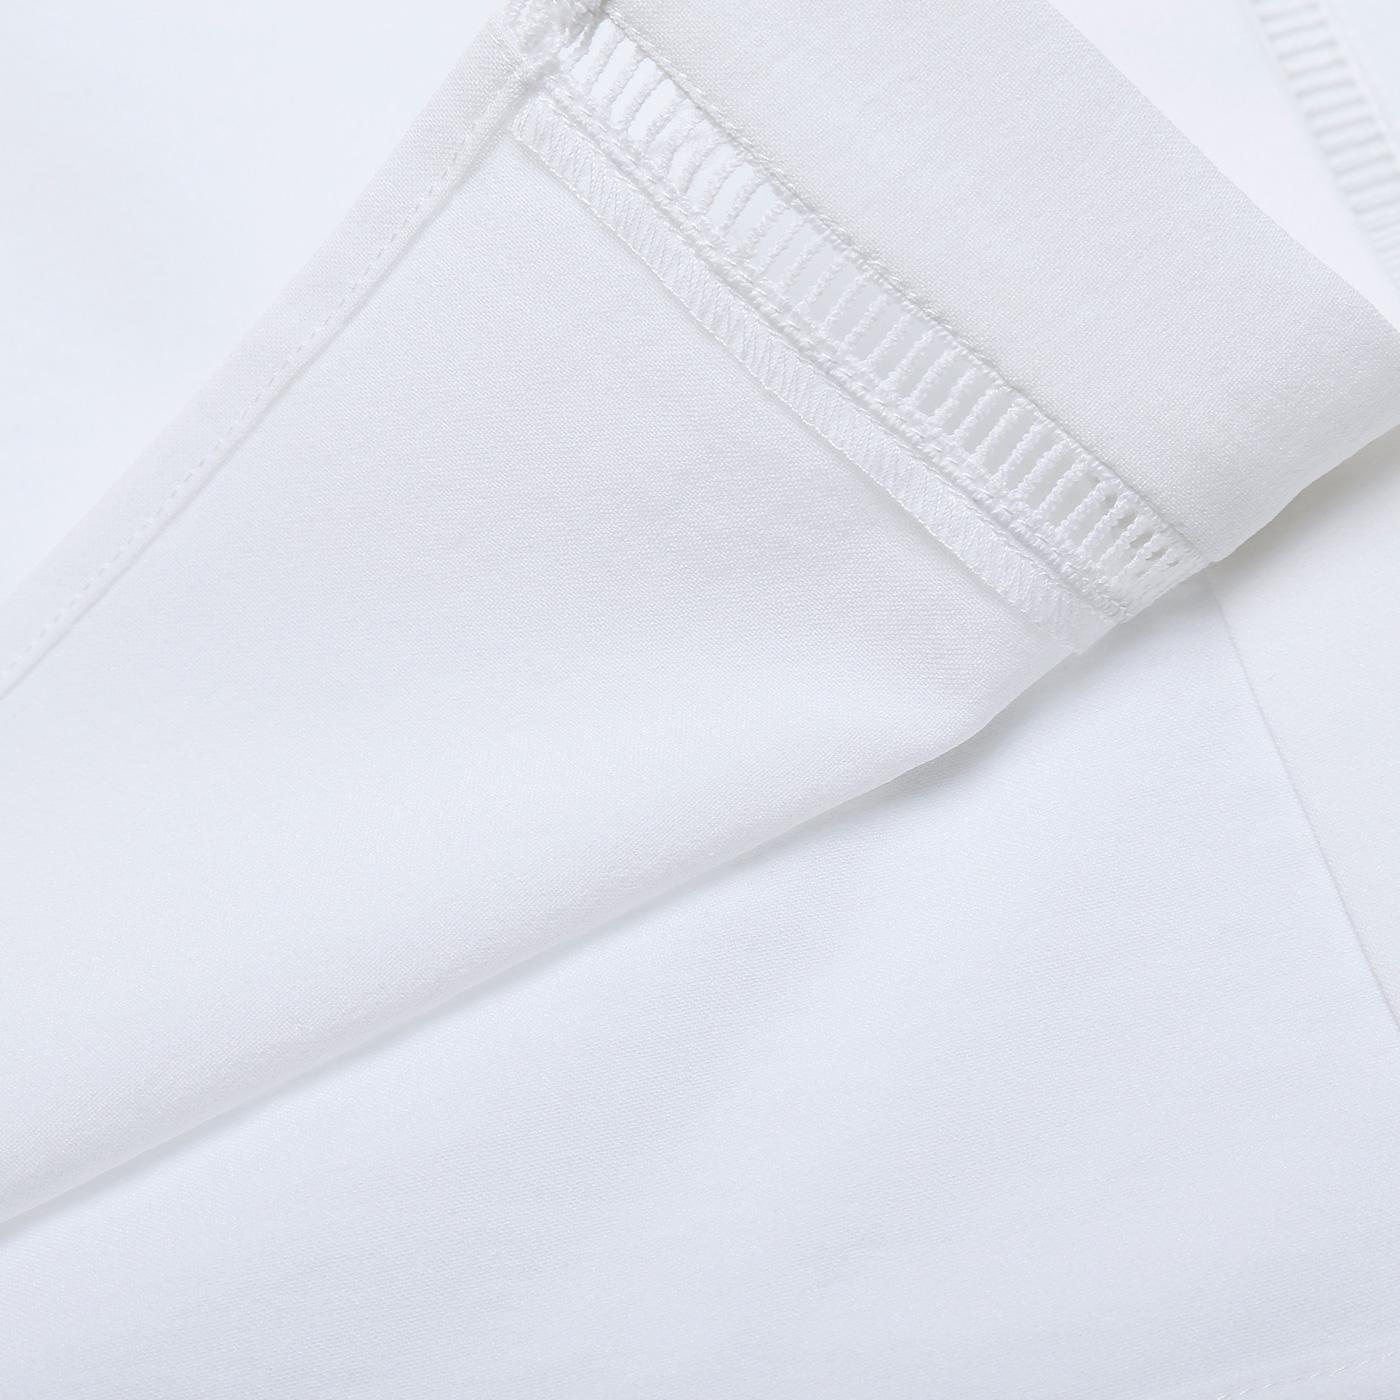 糖力 夏季欧美女装白色气质百褶袖一字领露肩衬衫上衣